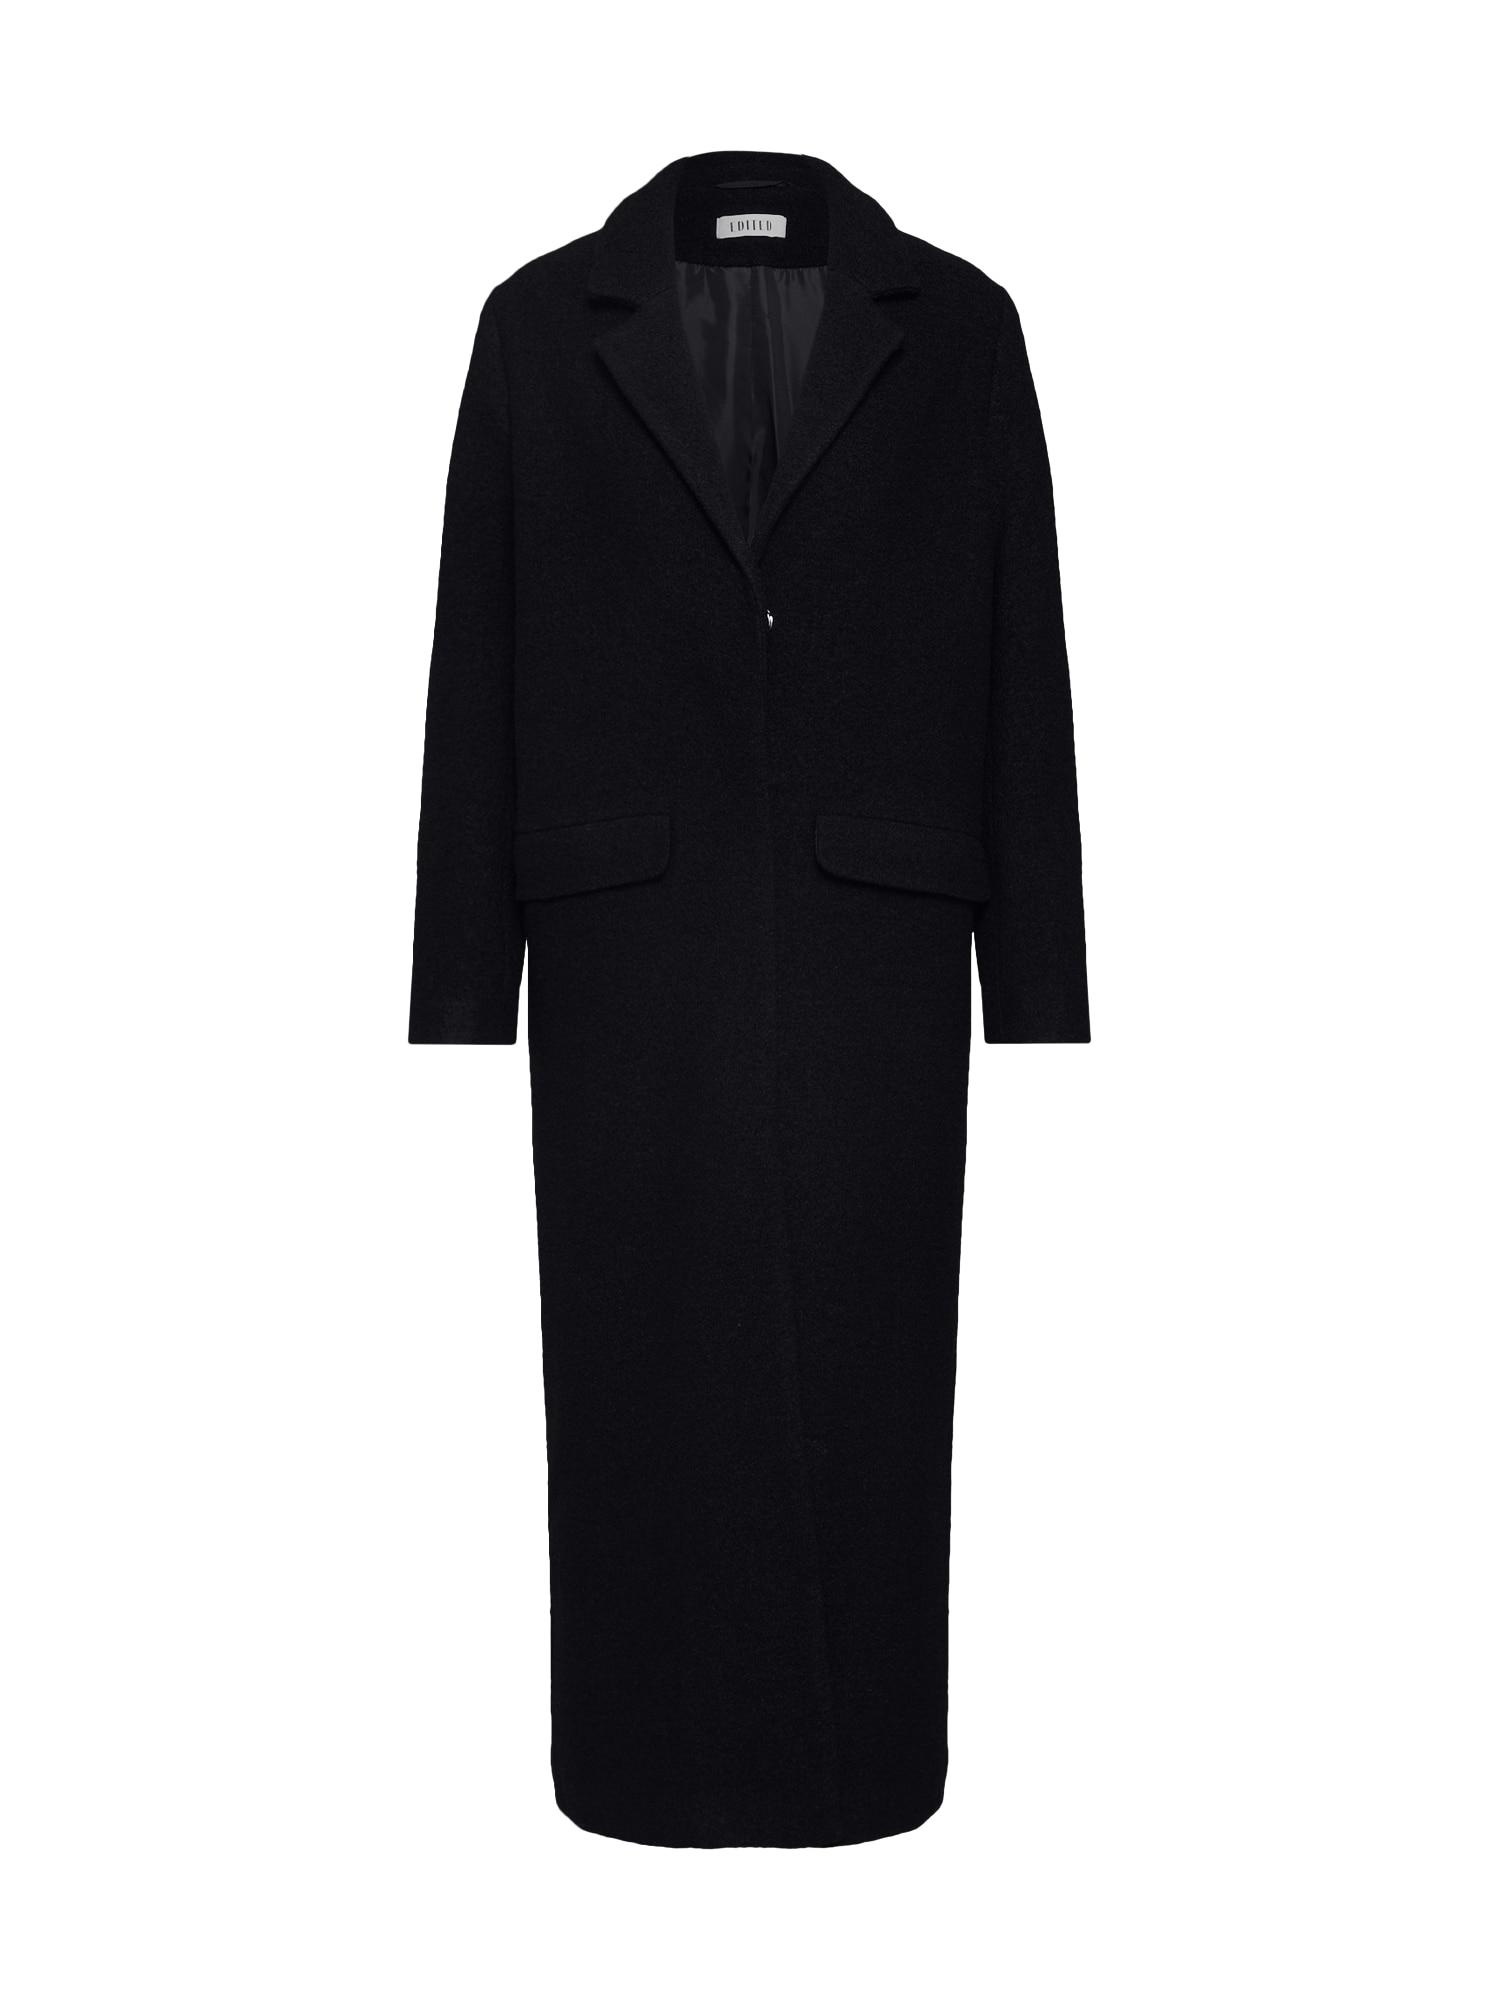 EDITED Rudeninis-žieminis paltas 'Frida' juoda